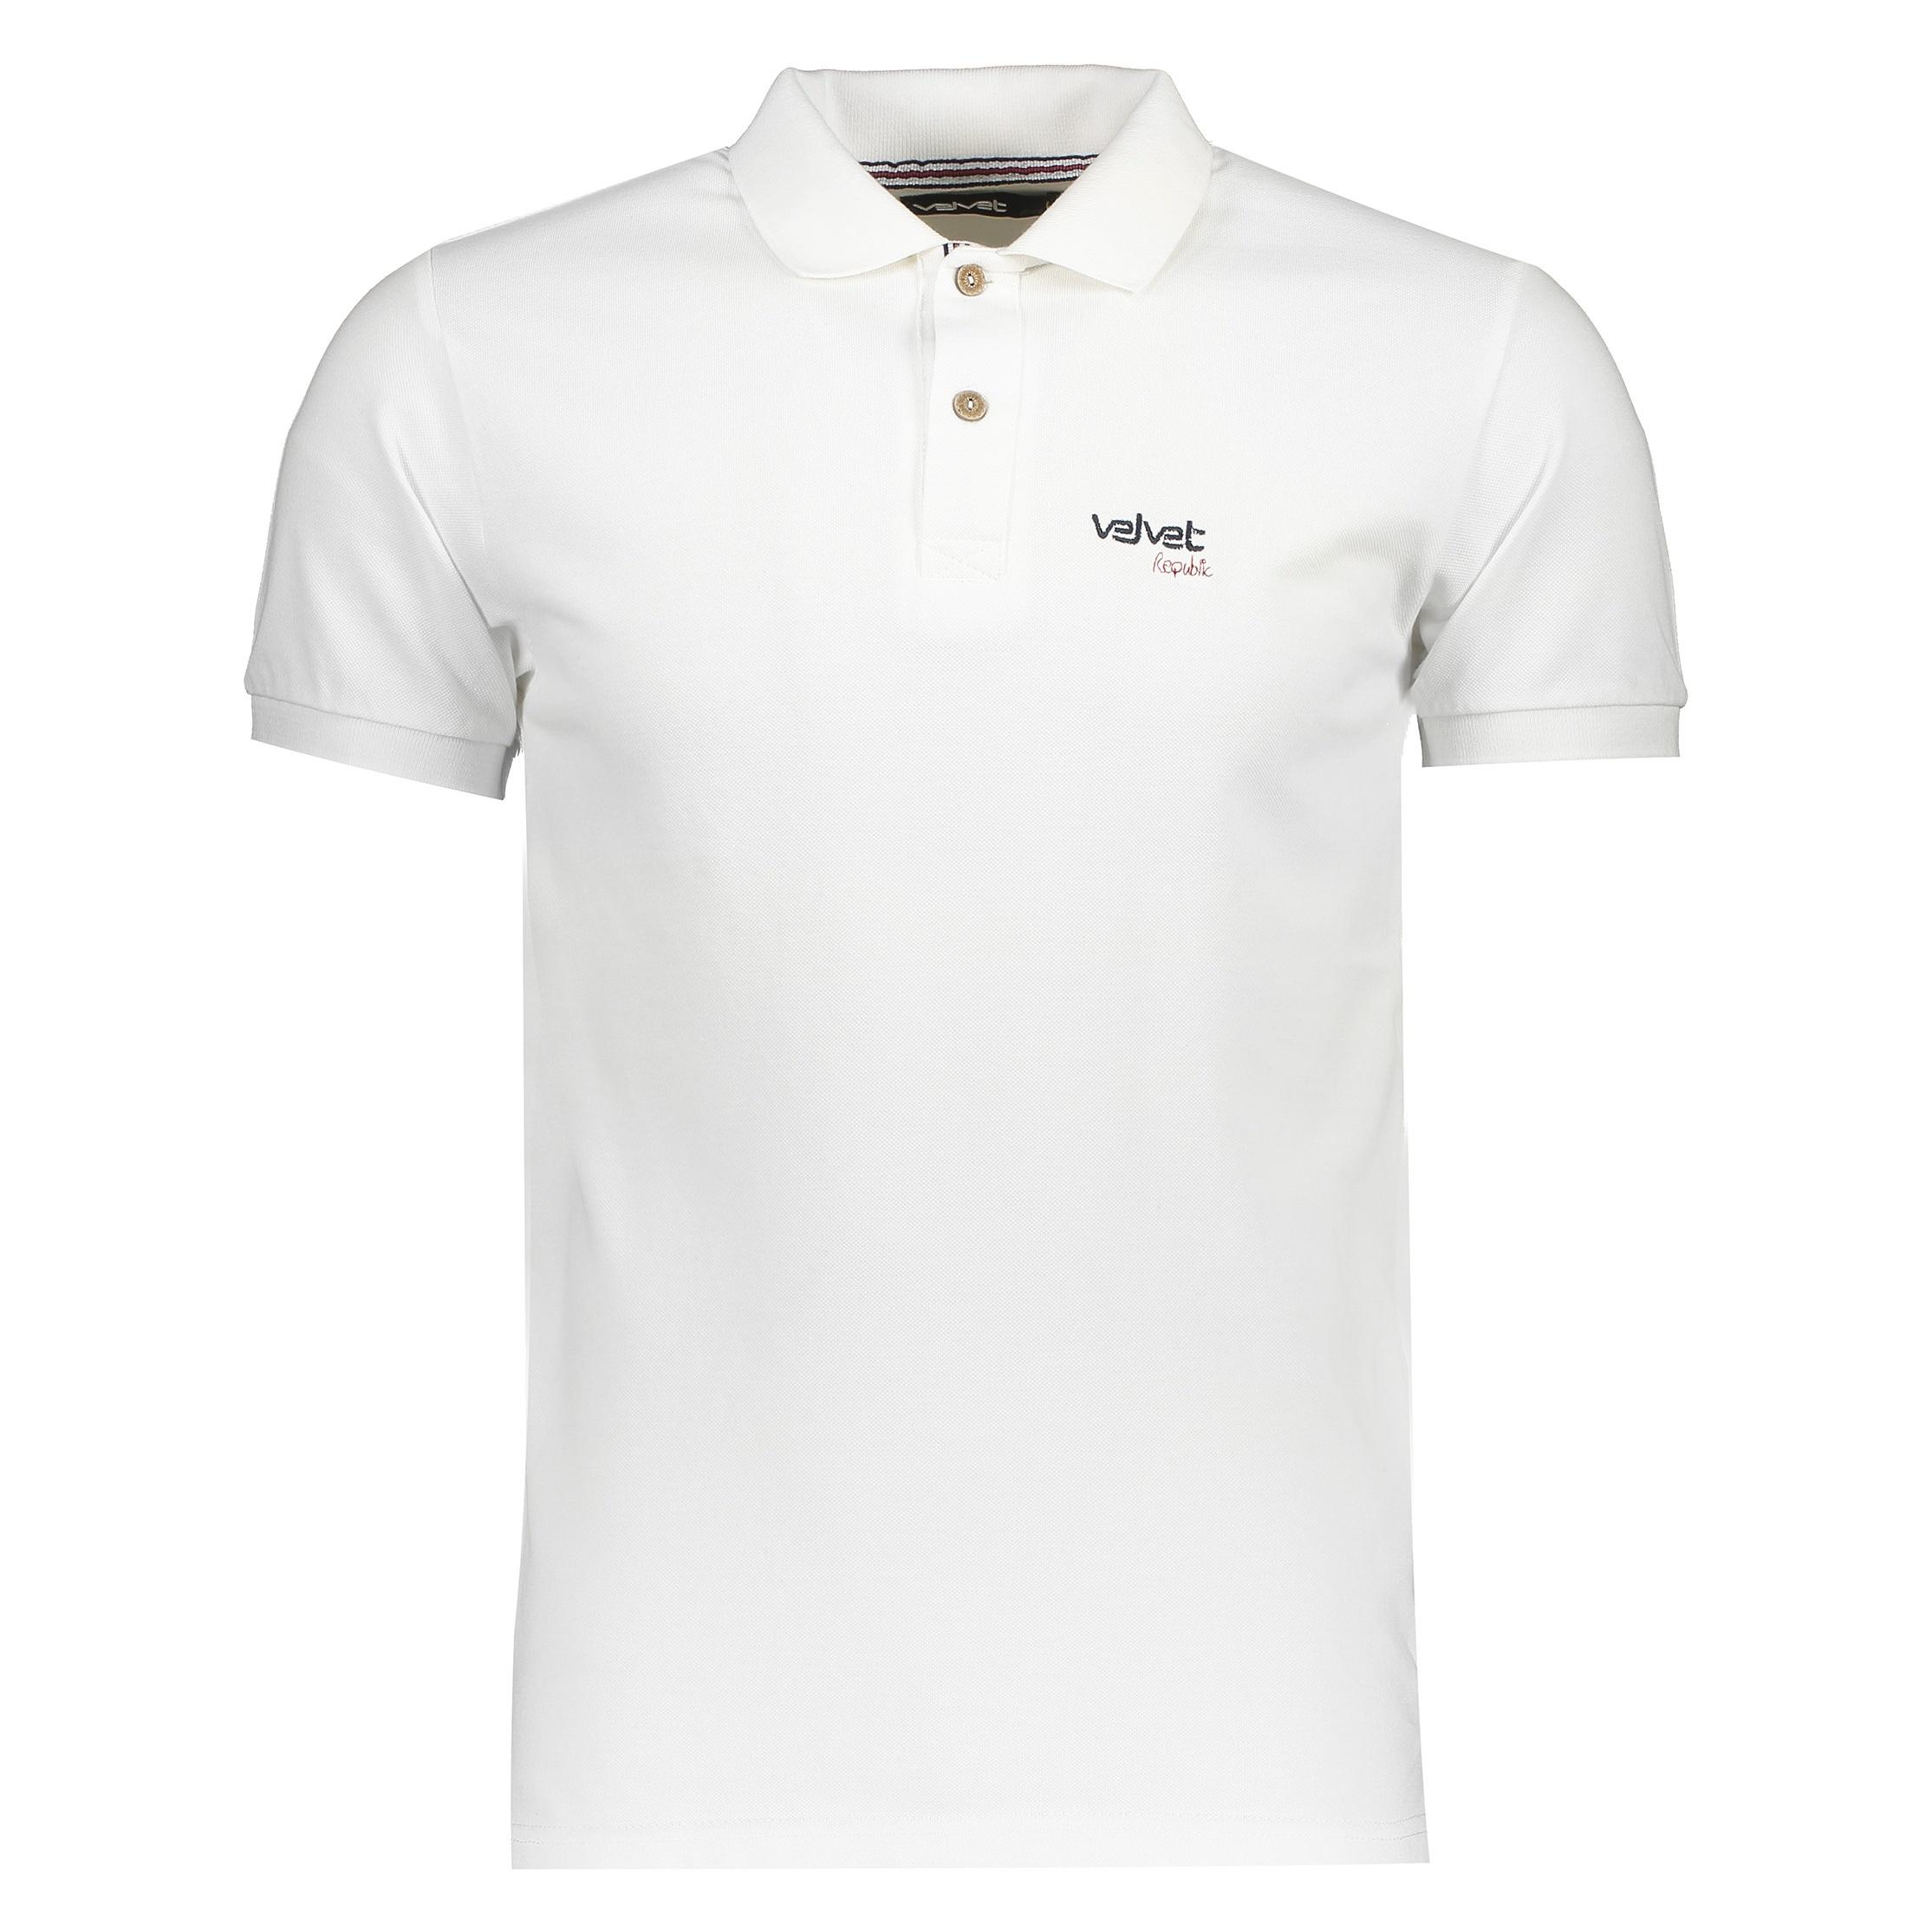 پولو شرت مردانه ولوت ریپابلیک کد 15